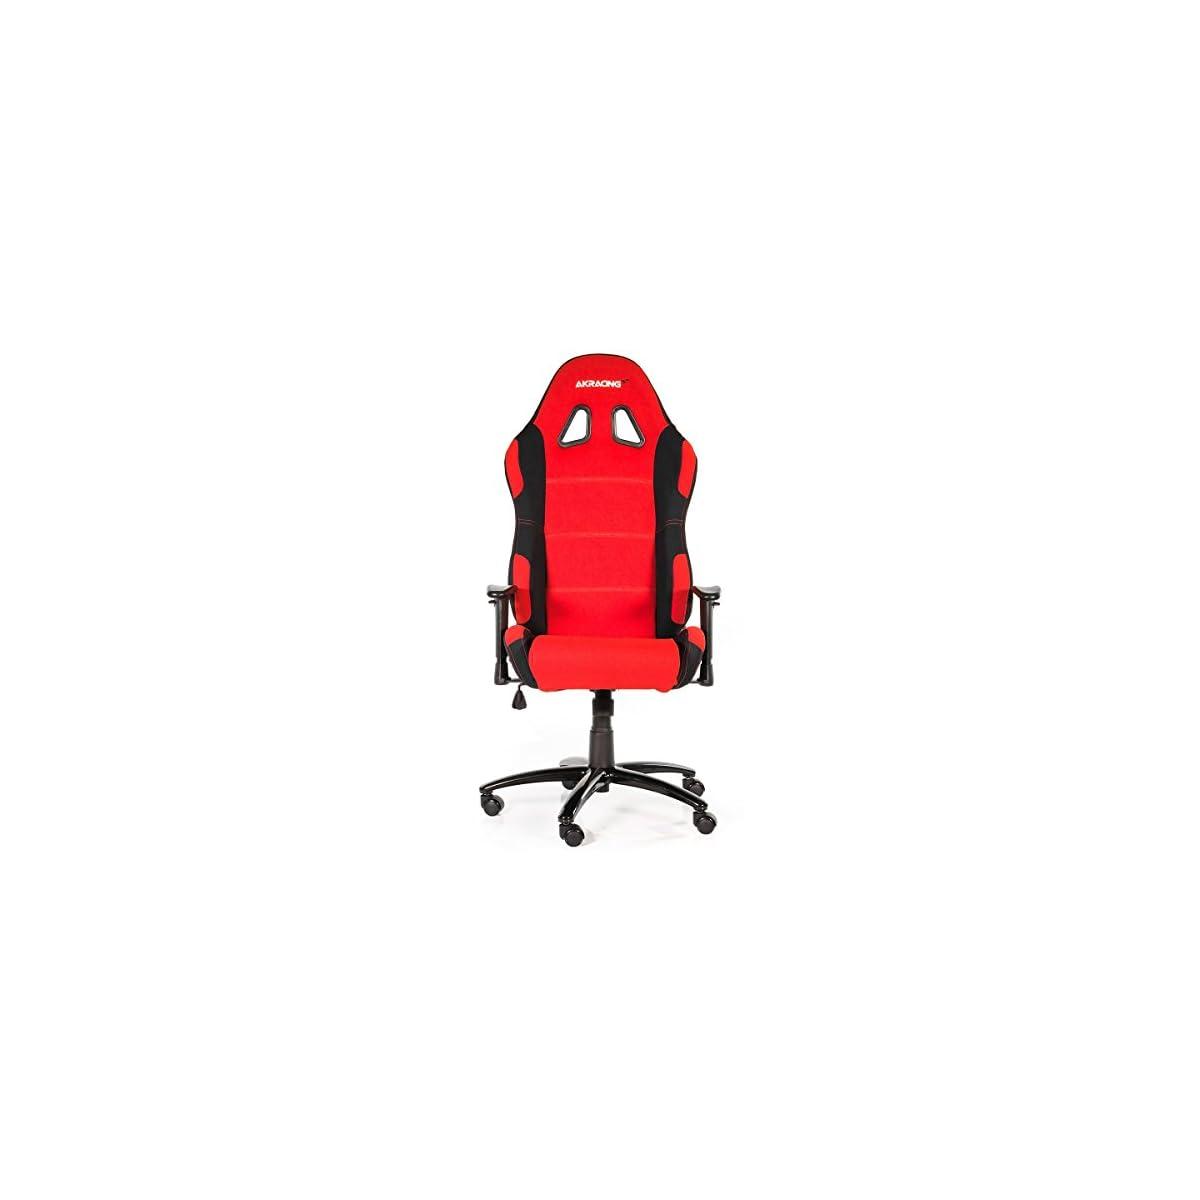 41blL0nWXKL. SS1200  - AKRacing Prime - AK-7018-BR - Silla Gaming, Color Negro/Rojo